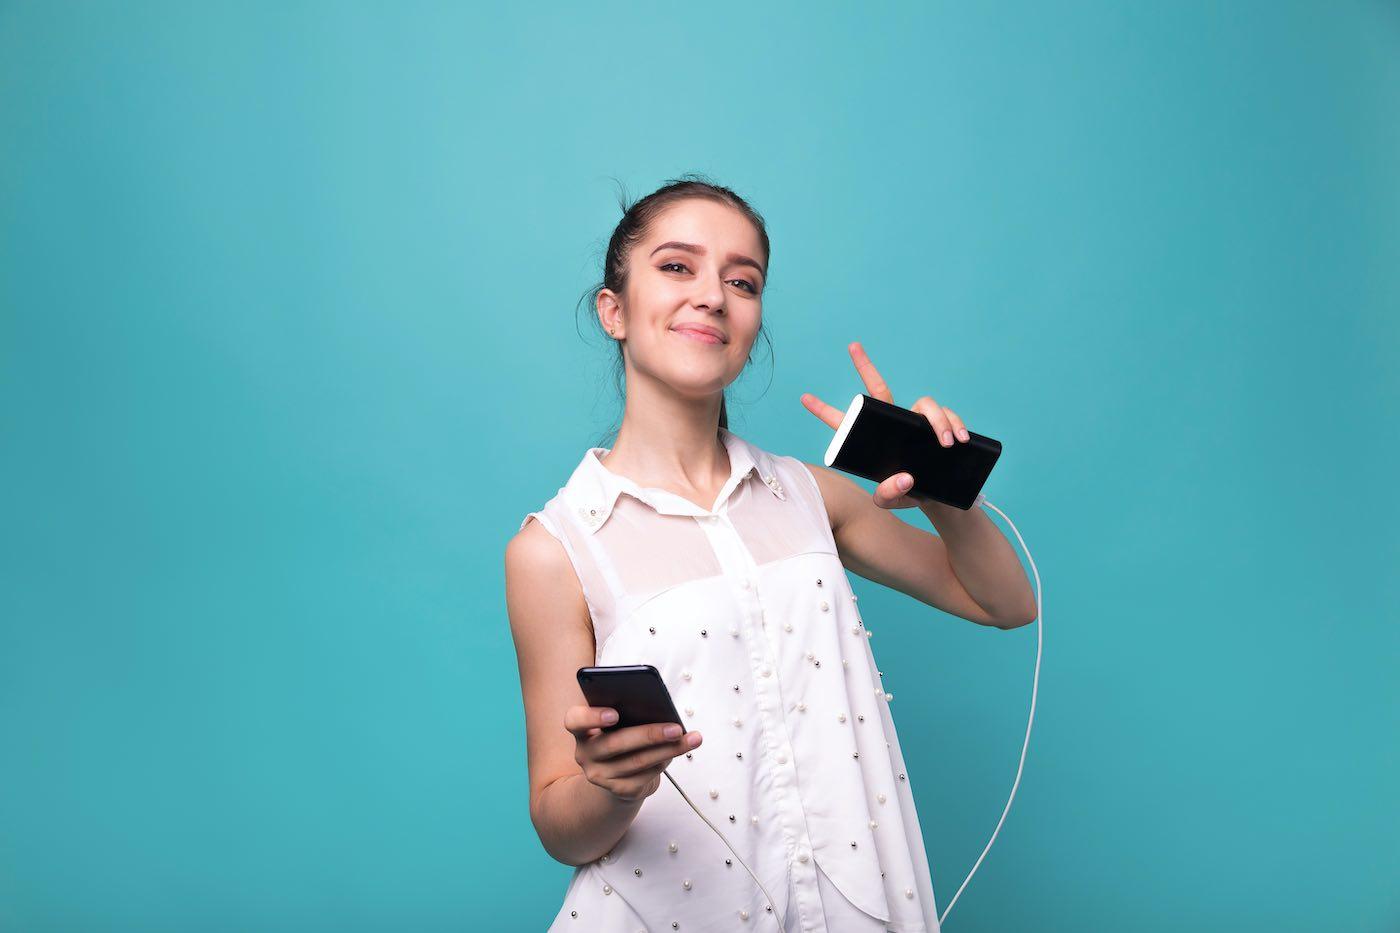 4 accesorios necesarios para móvil en 2021